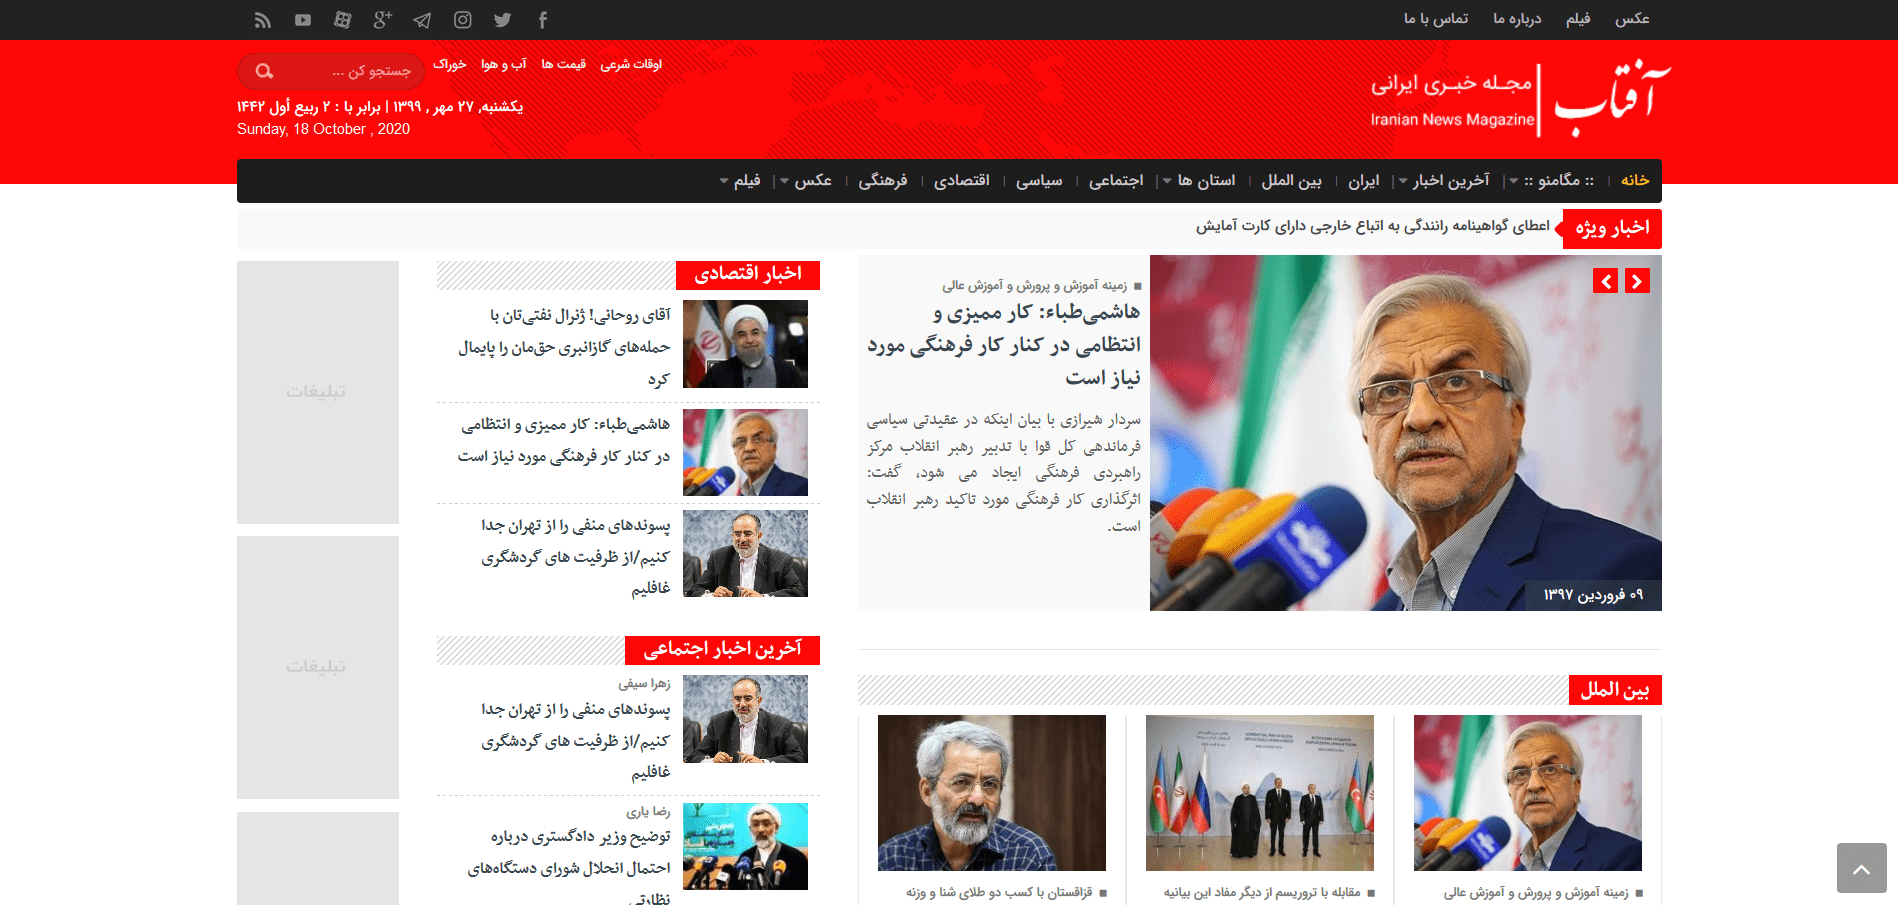 قالب ایرانی خبری آفتاب